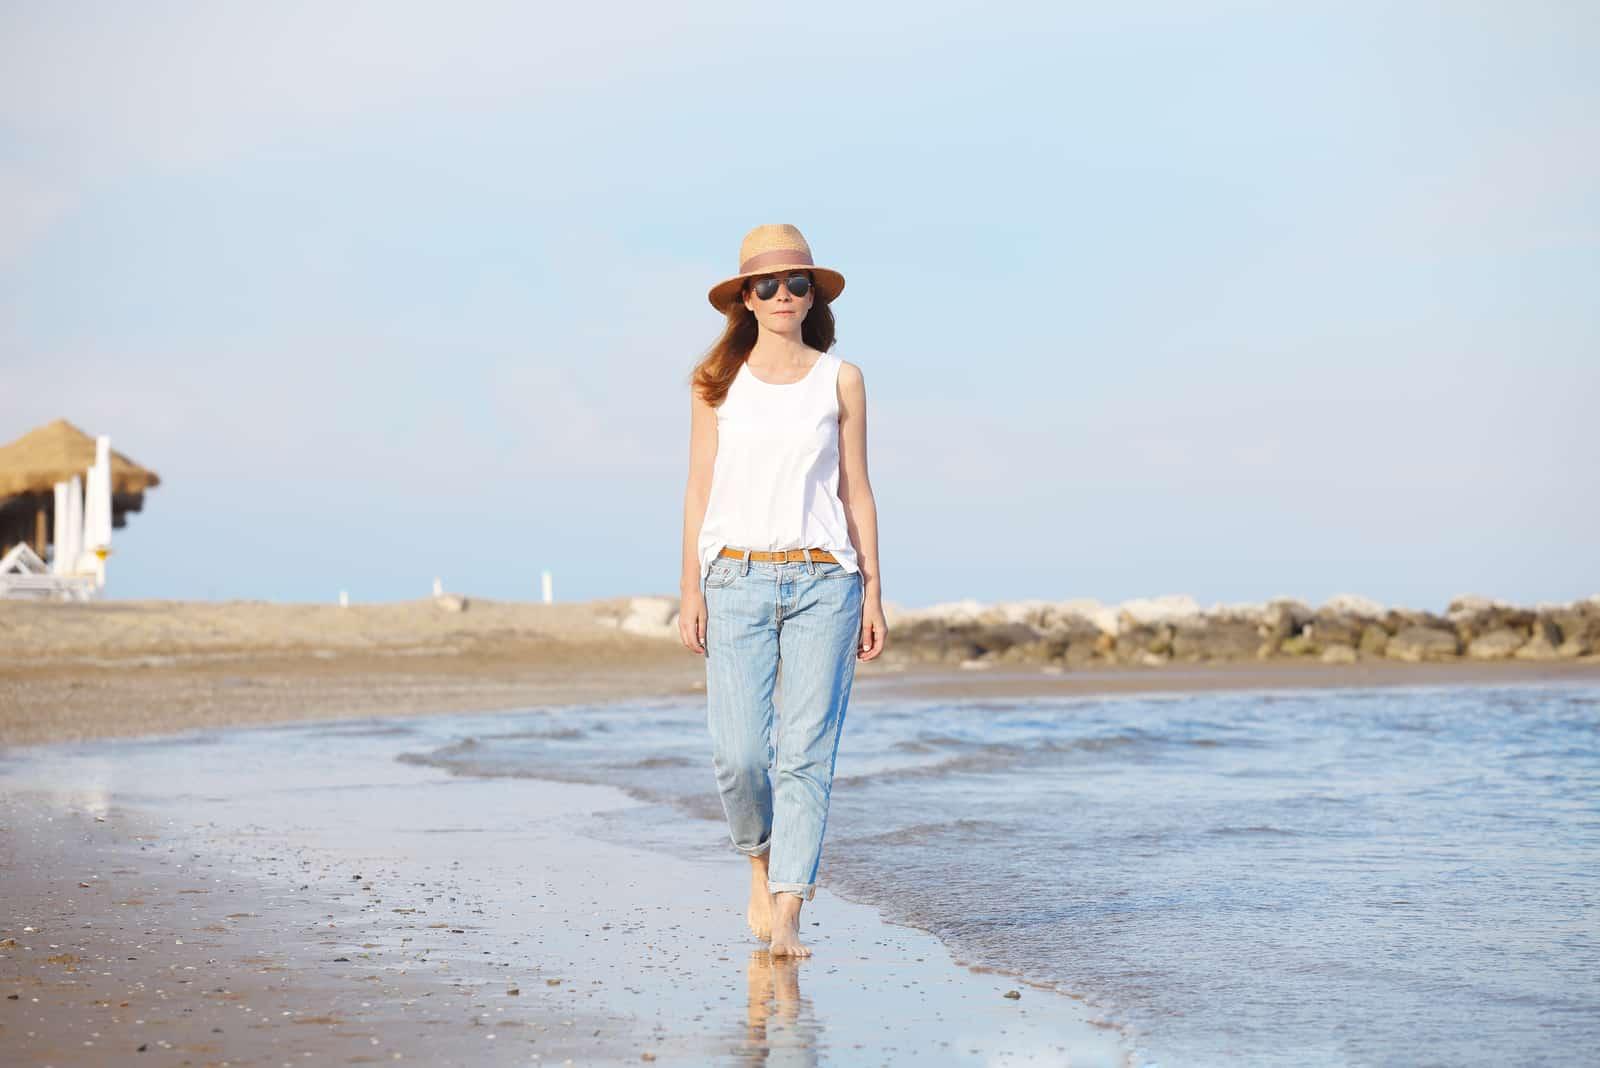 Une jeune femme aux longs cheveux bruns avec un chapeau sur la plage